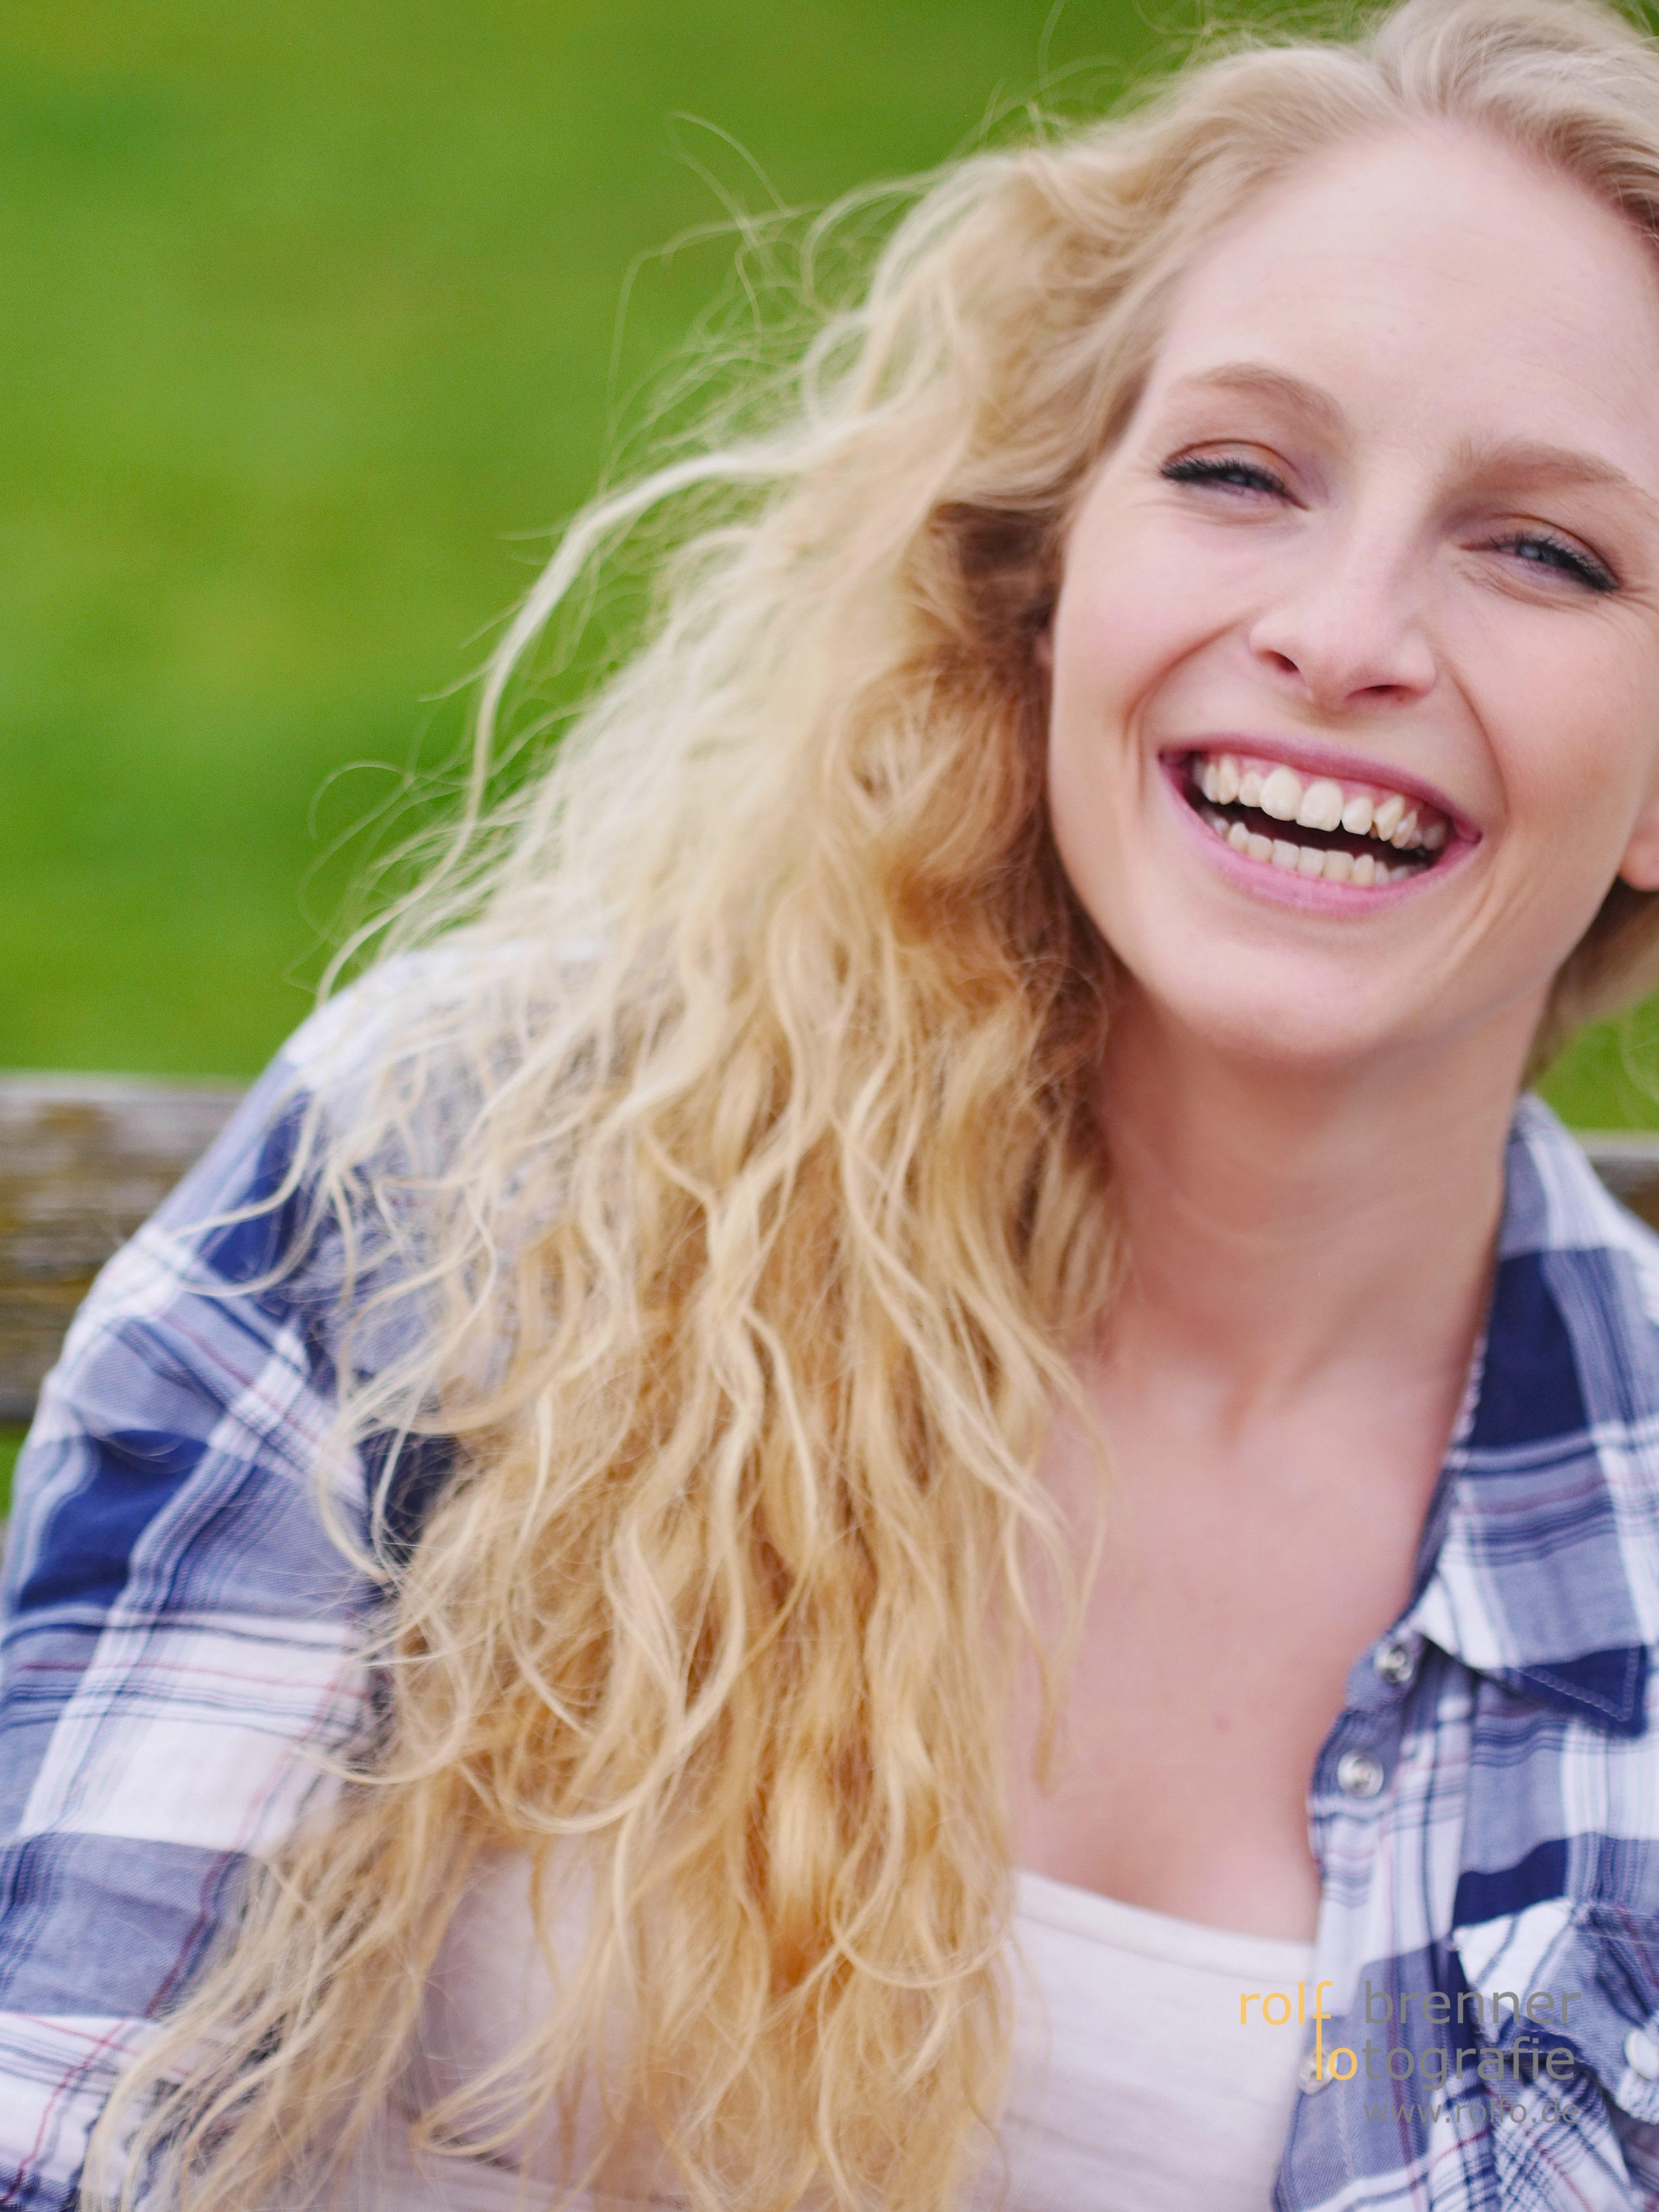 herzliches Lachen